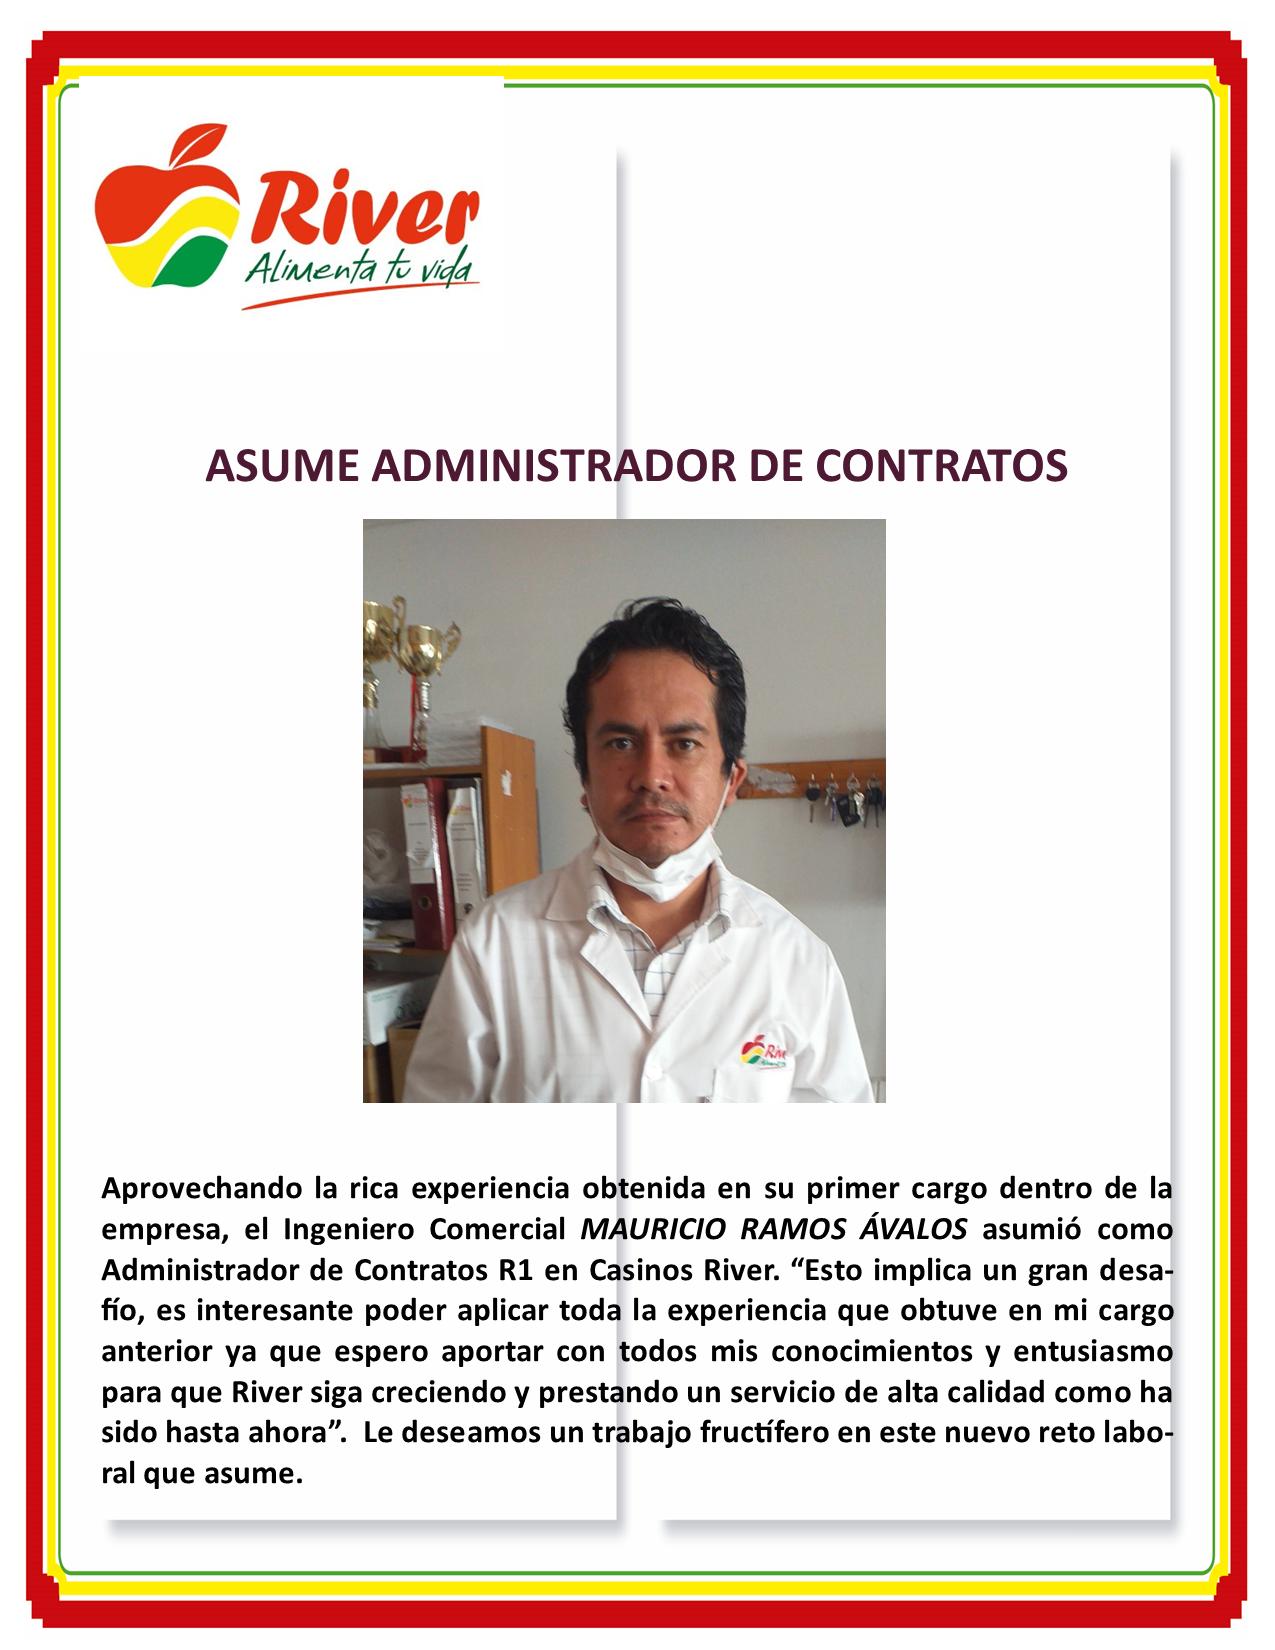 BIENVENIDA AL ADMINISTRADOR DE CONTRATO R1